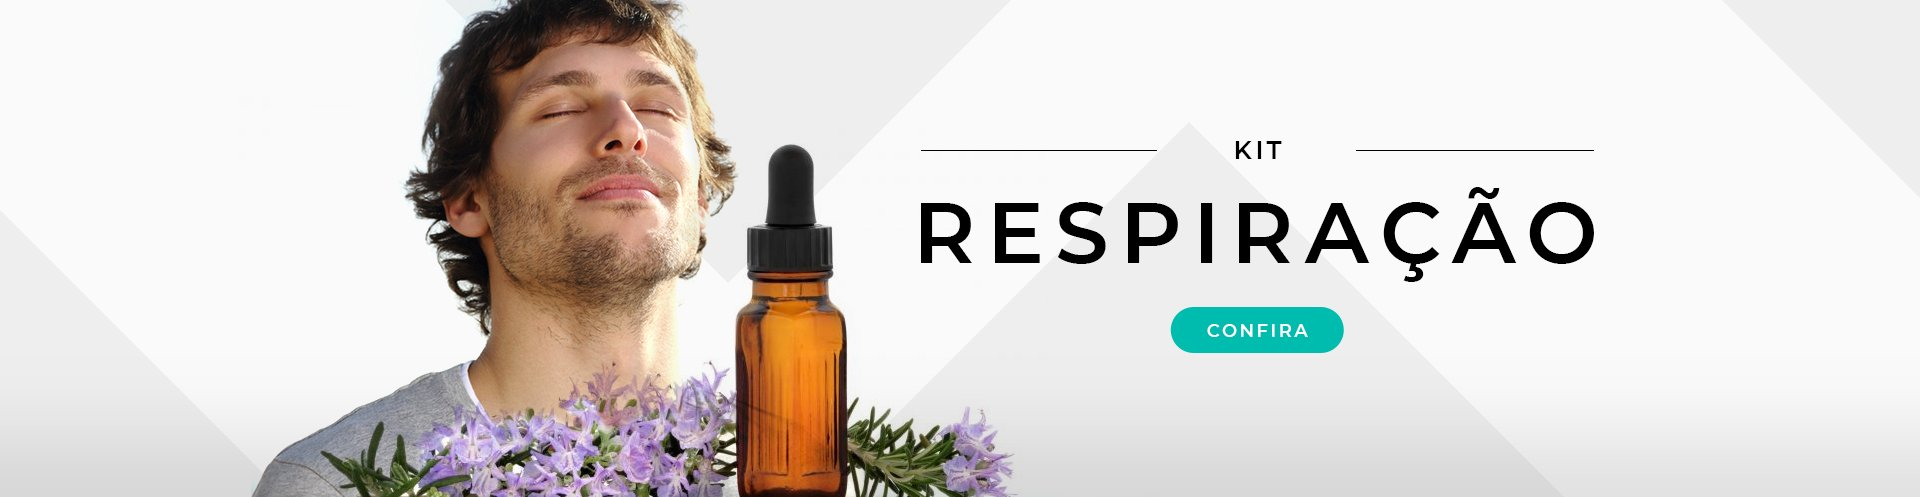 Kit Respiração